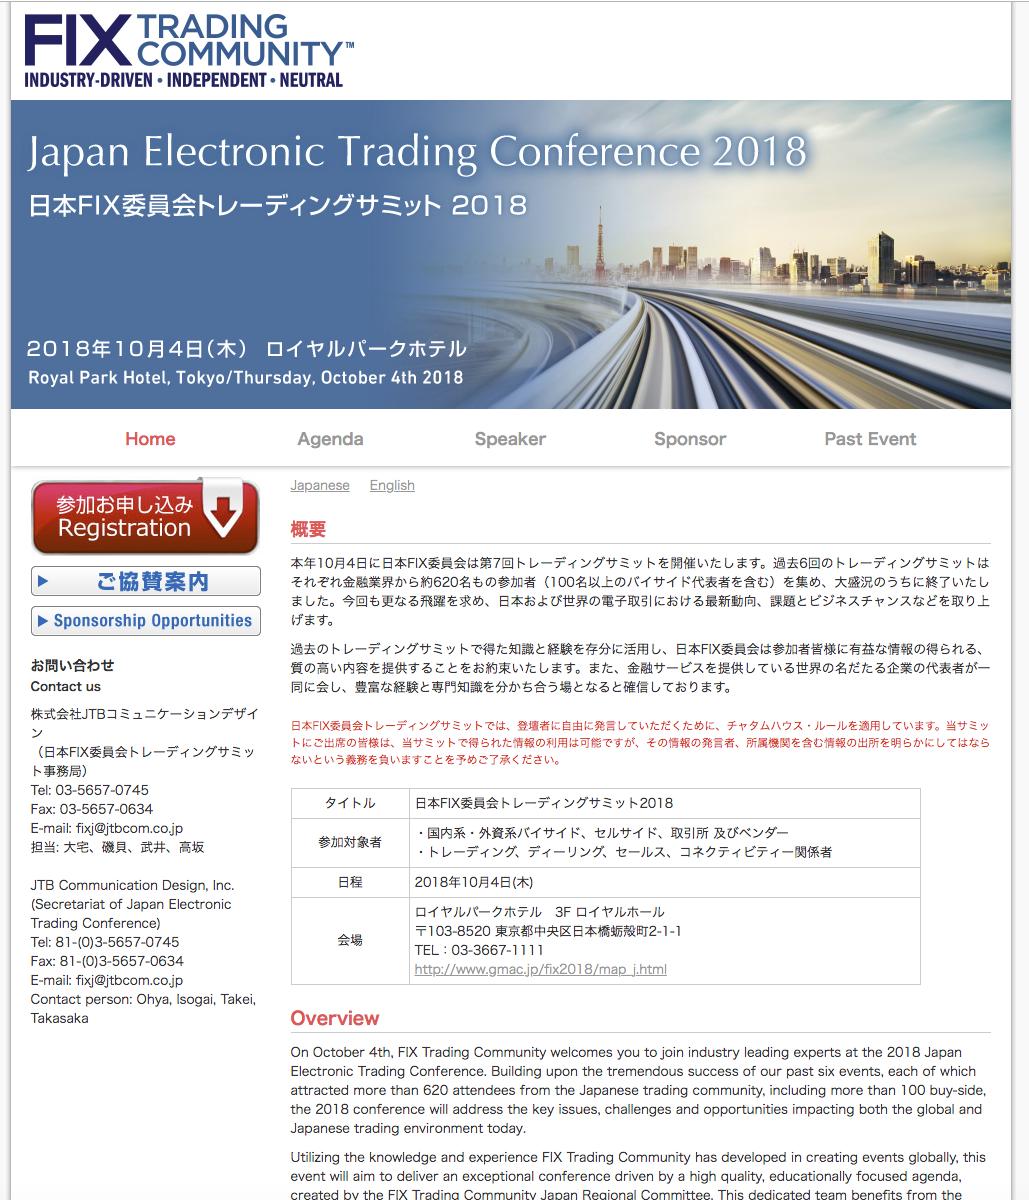 日本FIX委員会トレーディングサミット 2018